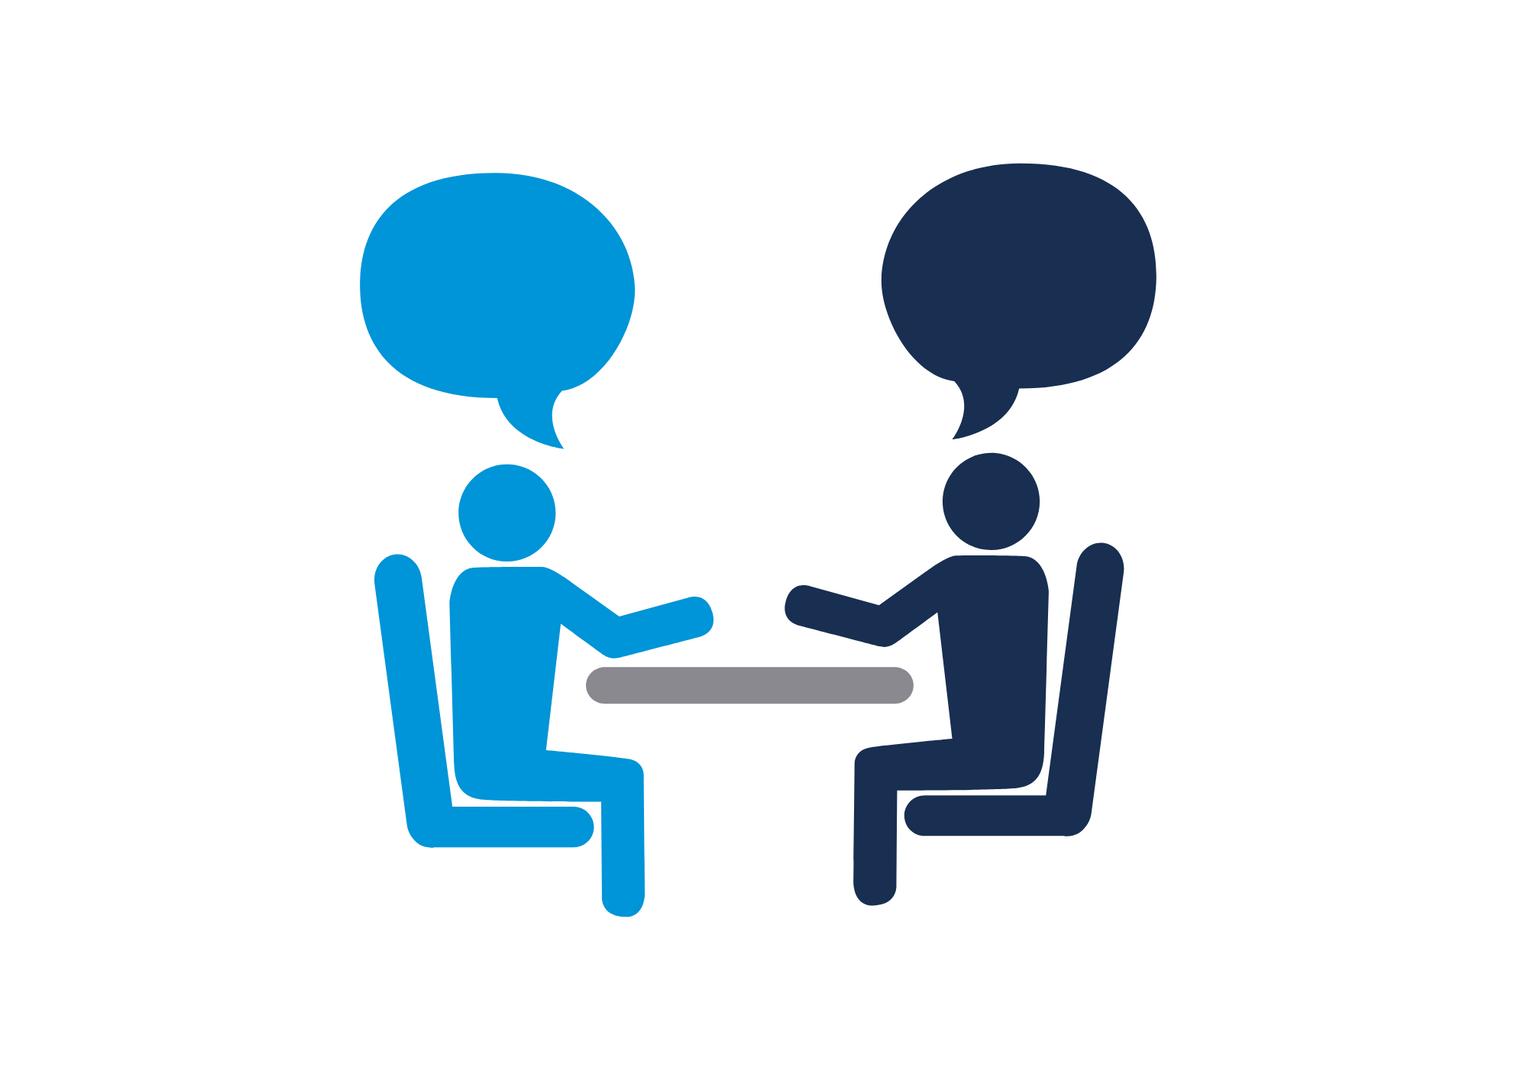 Dwie osoby rozmawiające ze sobą przy stole. Nad ludzmi znajdują się chmurki symbolizujące ich wypowiedzi